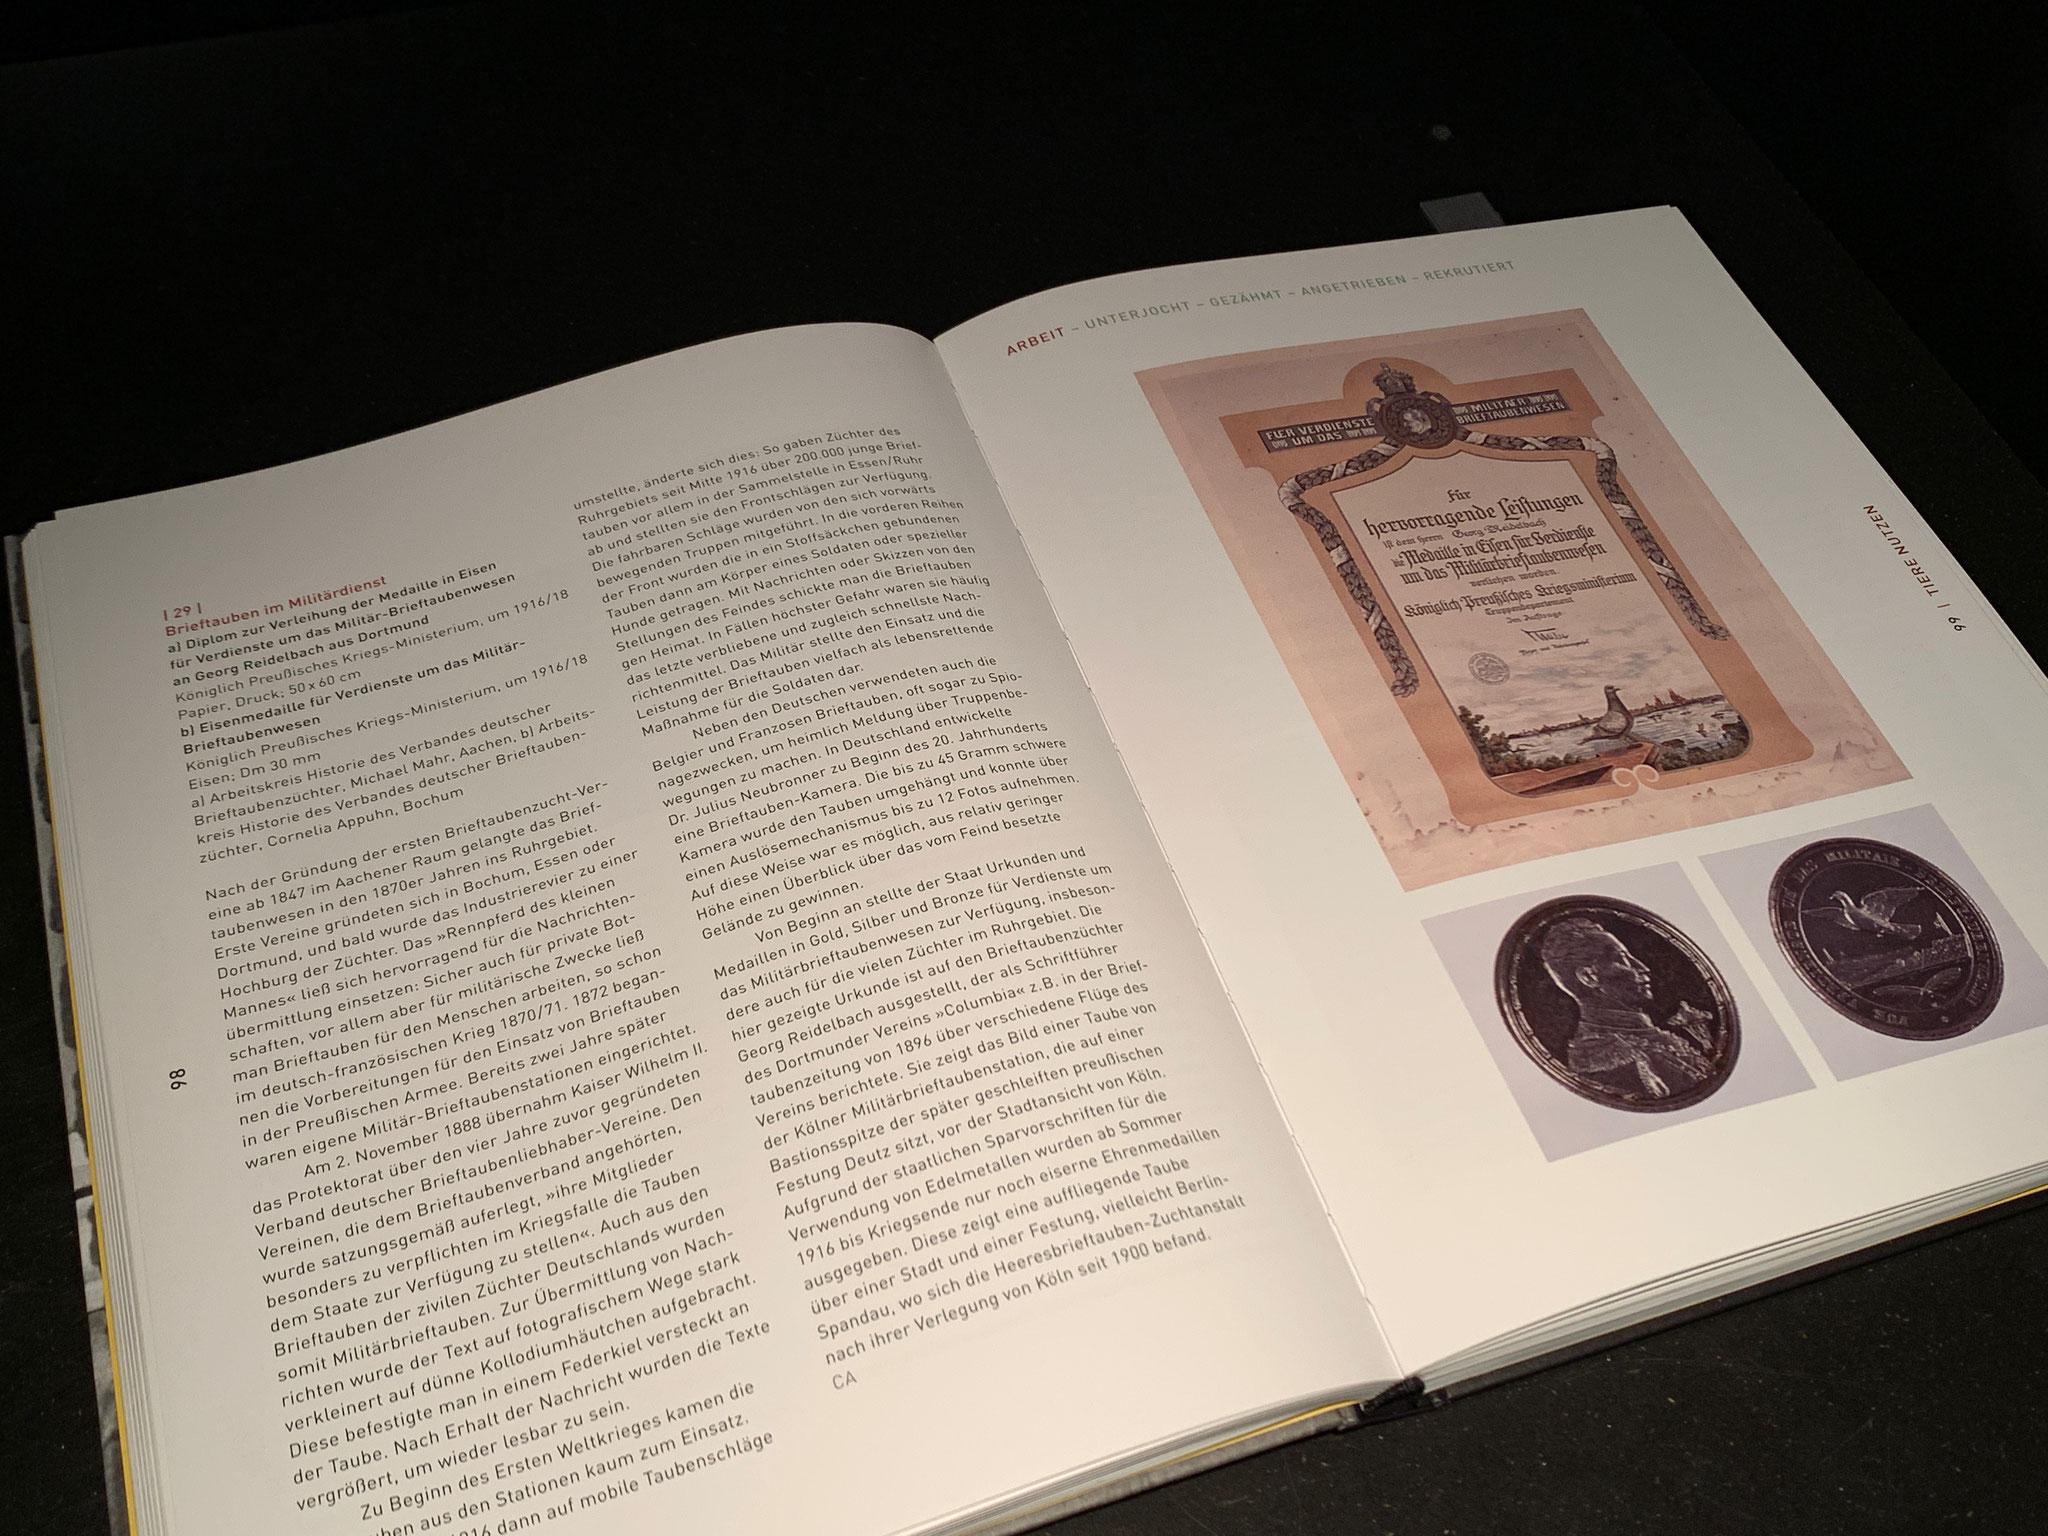 Ausstellungskatalog mit den Exponaten der Brieftauben-Historiker